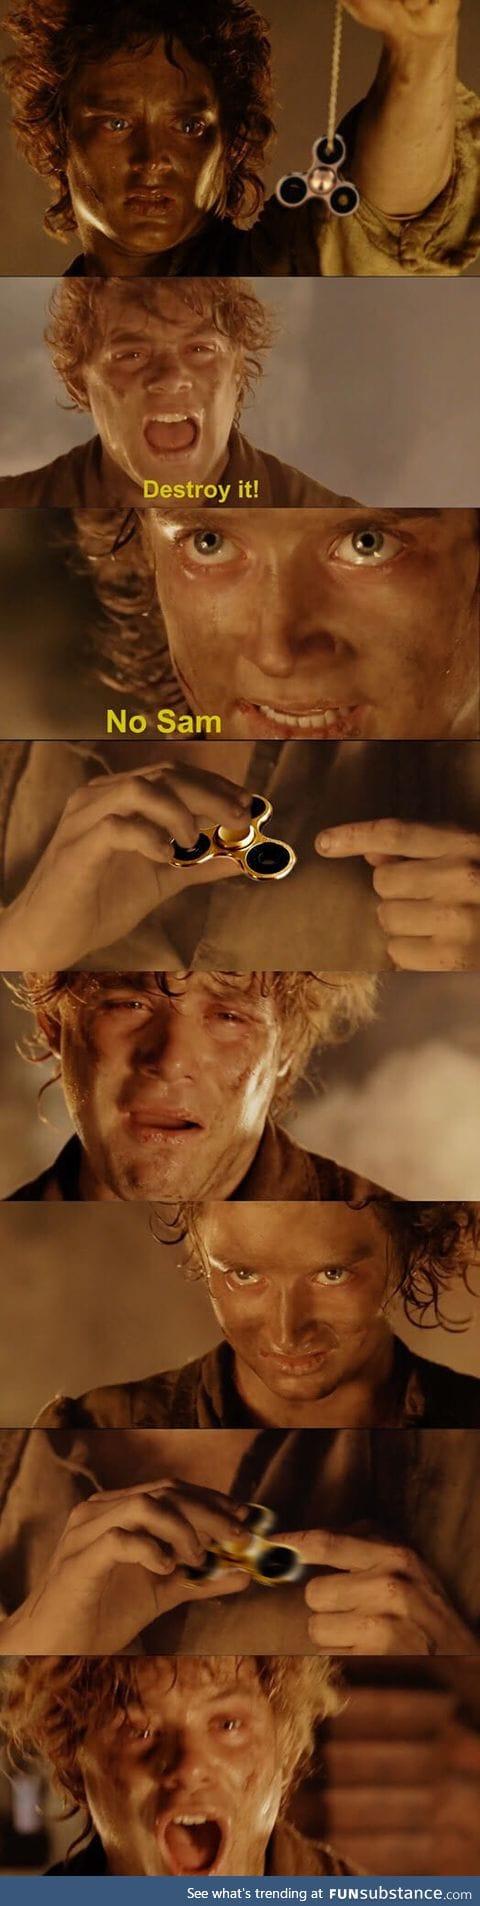 Don't do it, Master Frodo